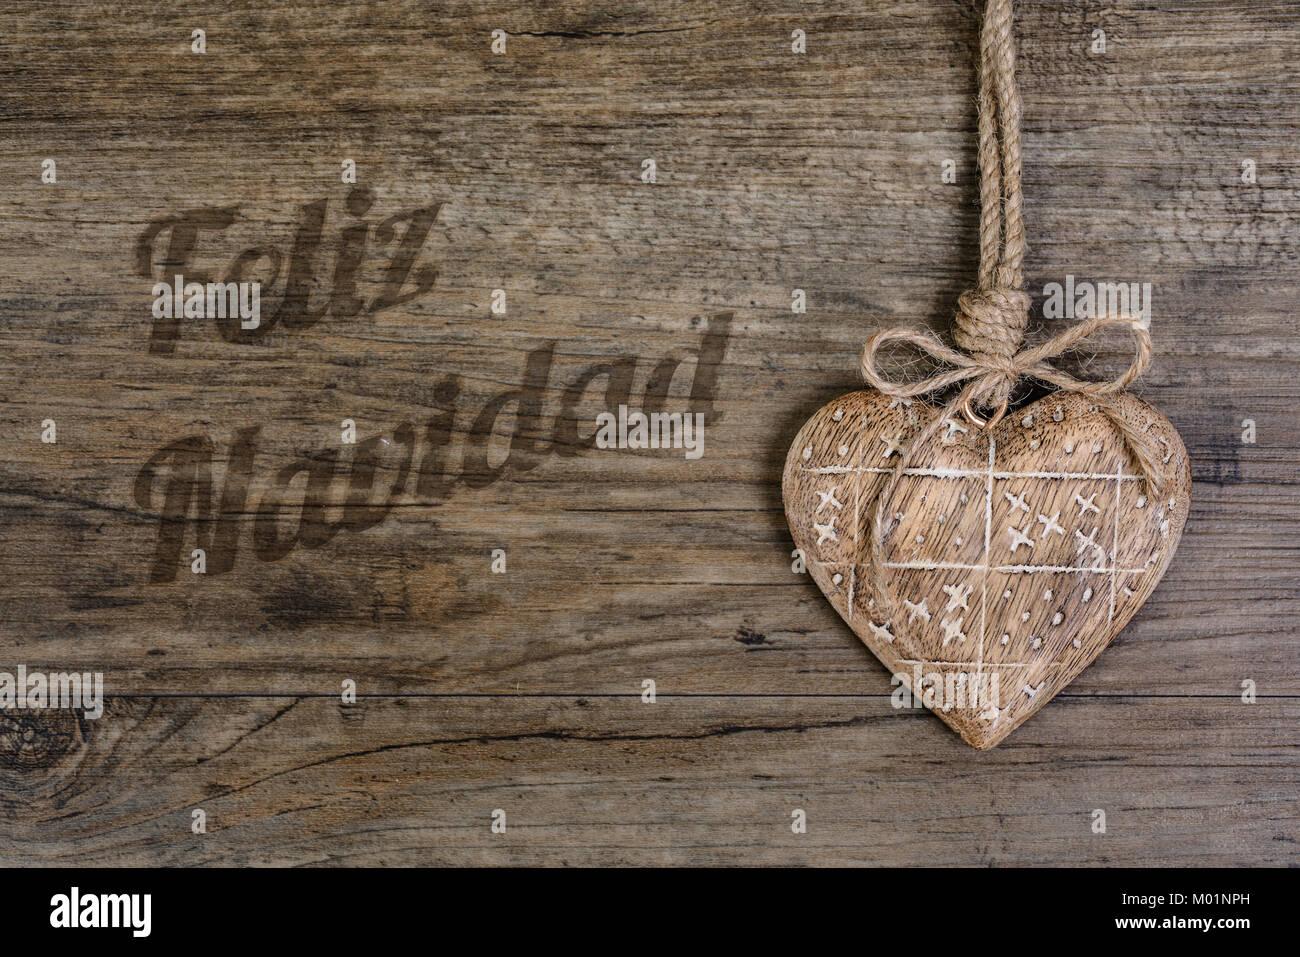 """""""Feliz Navidad"""" o """"Merry Christmas"""" en letras de quemado de madera con decoración de corazón Imagen De Stock"""